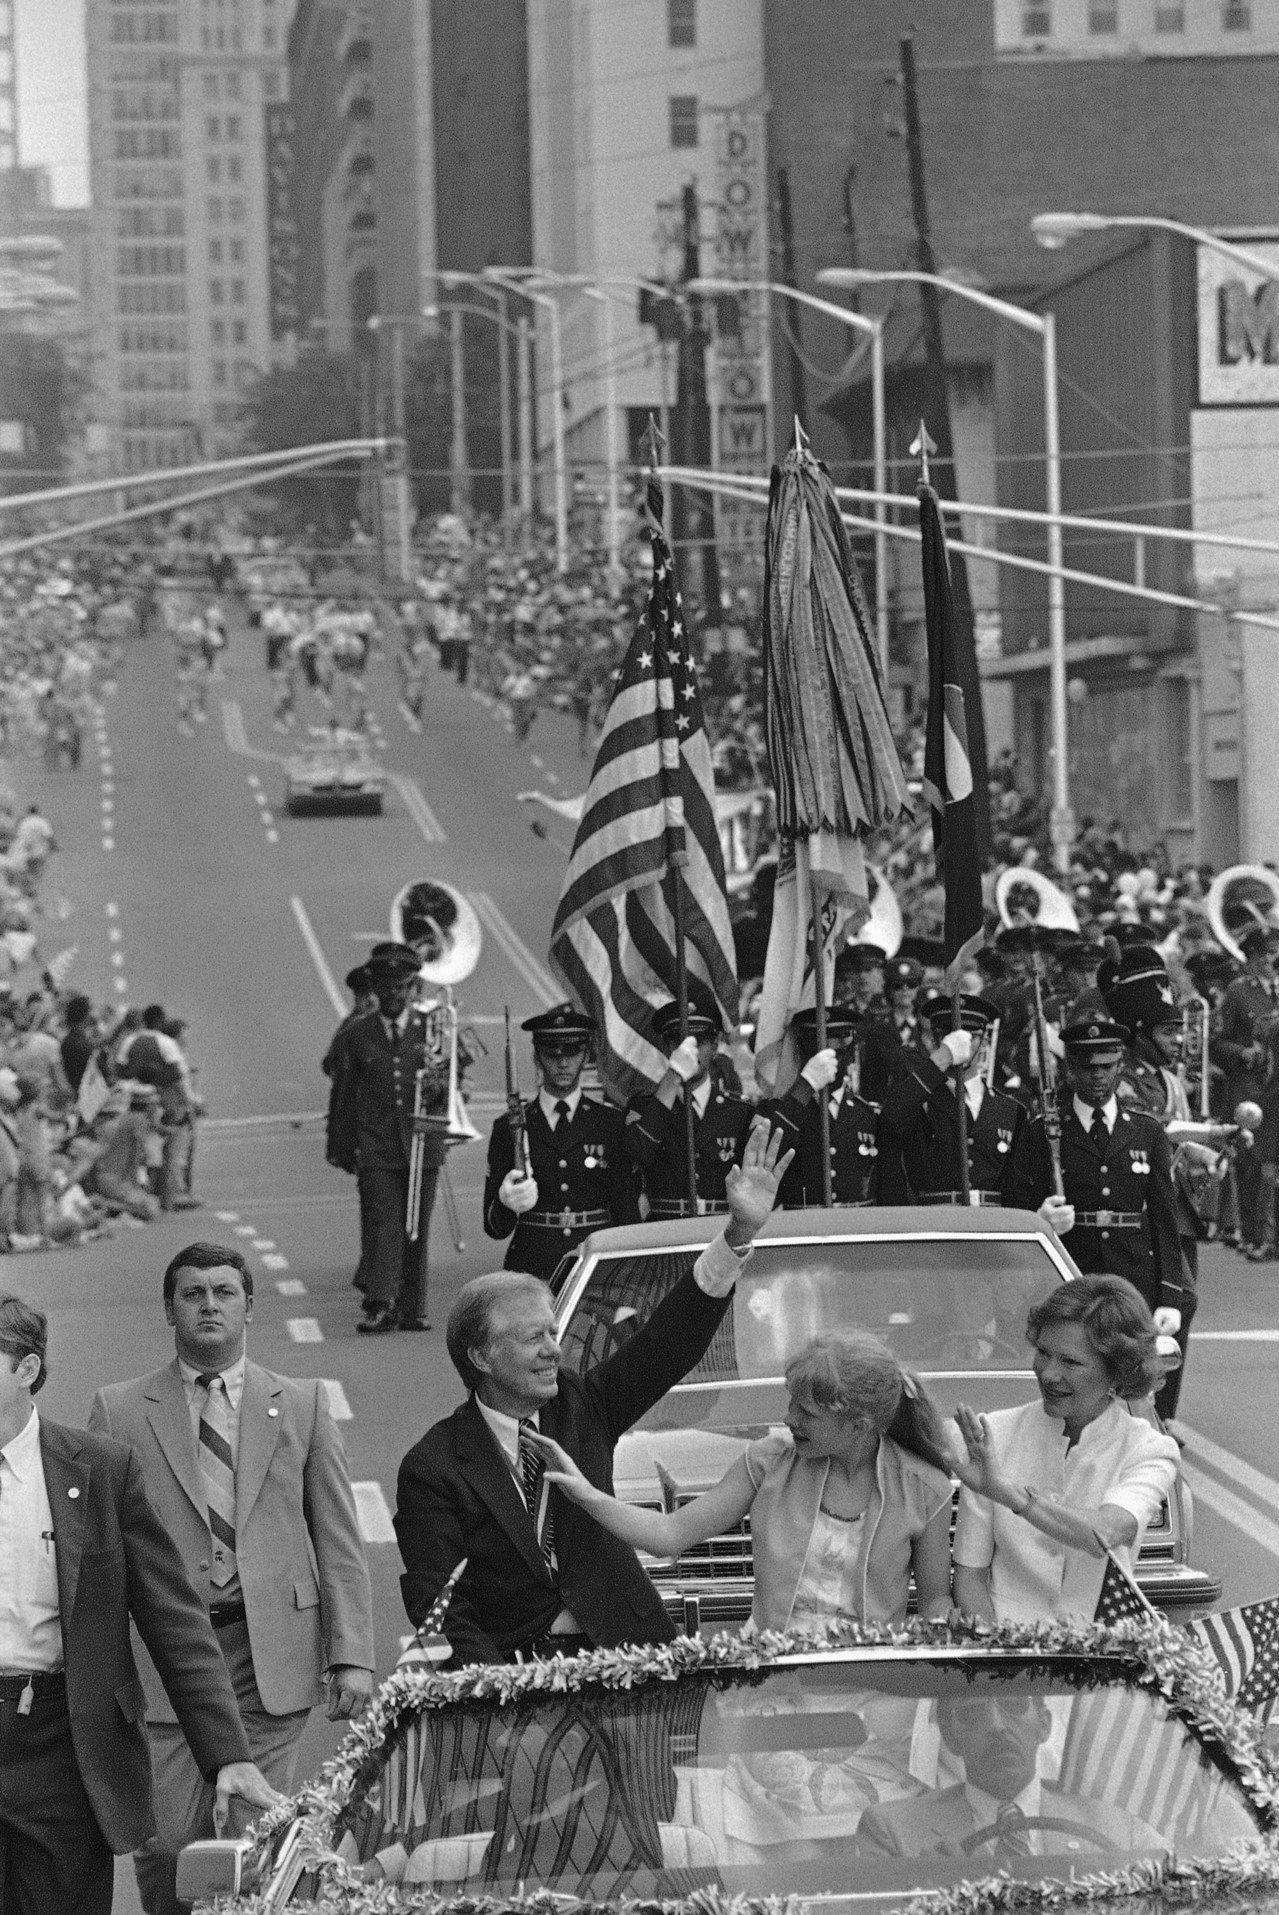 1981年國慶,已是前總統的卡特與妻子女兒在老家亞特蘭大帶頭大遊行。(美聯社)